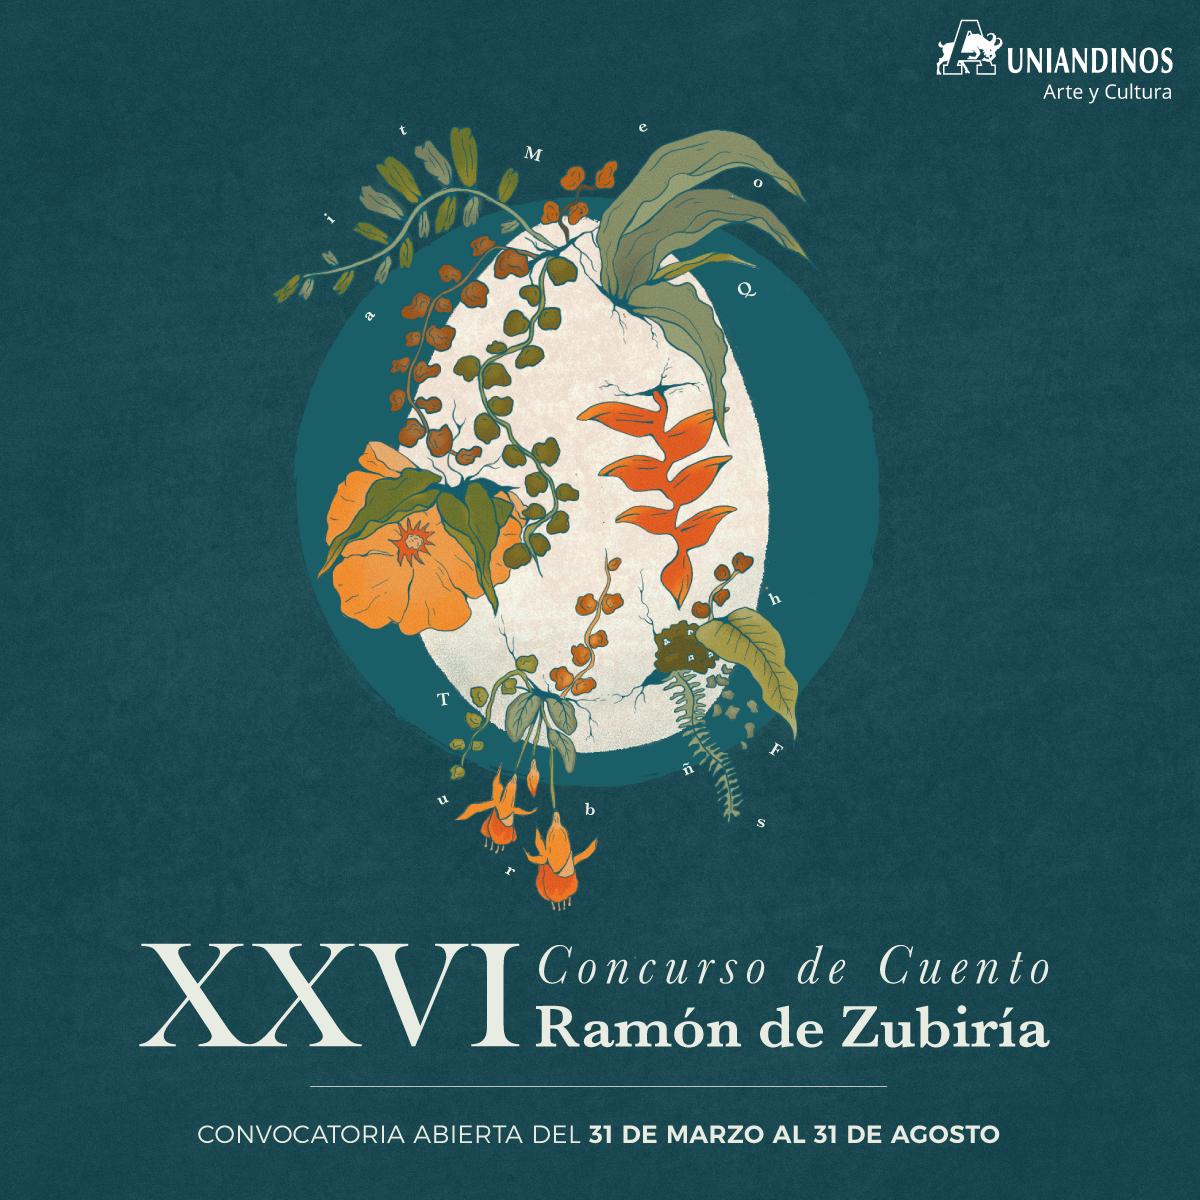 XXVI Concurso de cuento Ramón de Zubiría